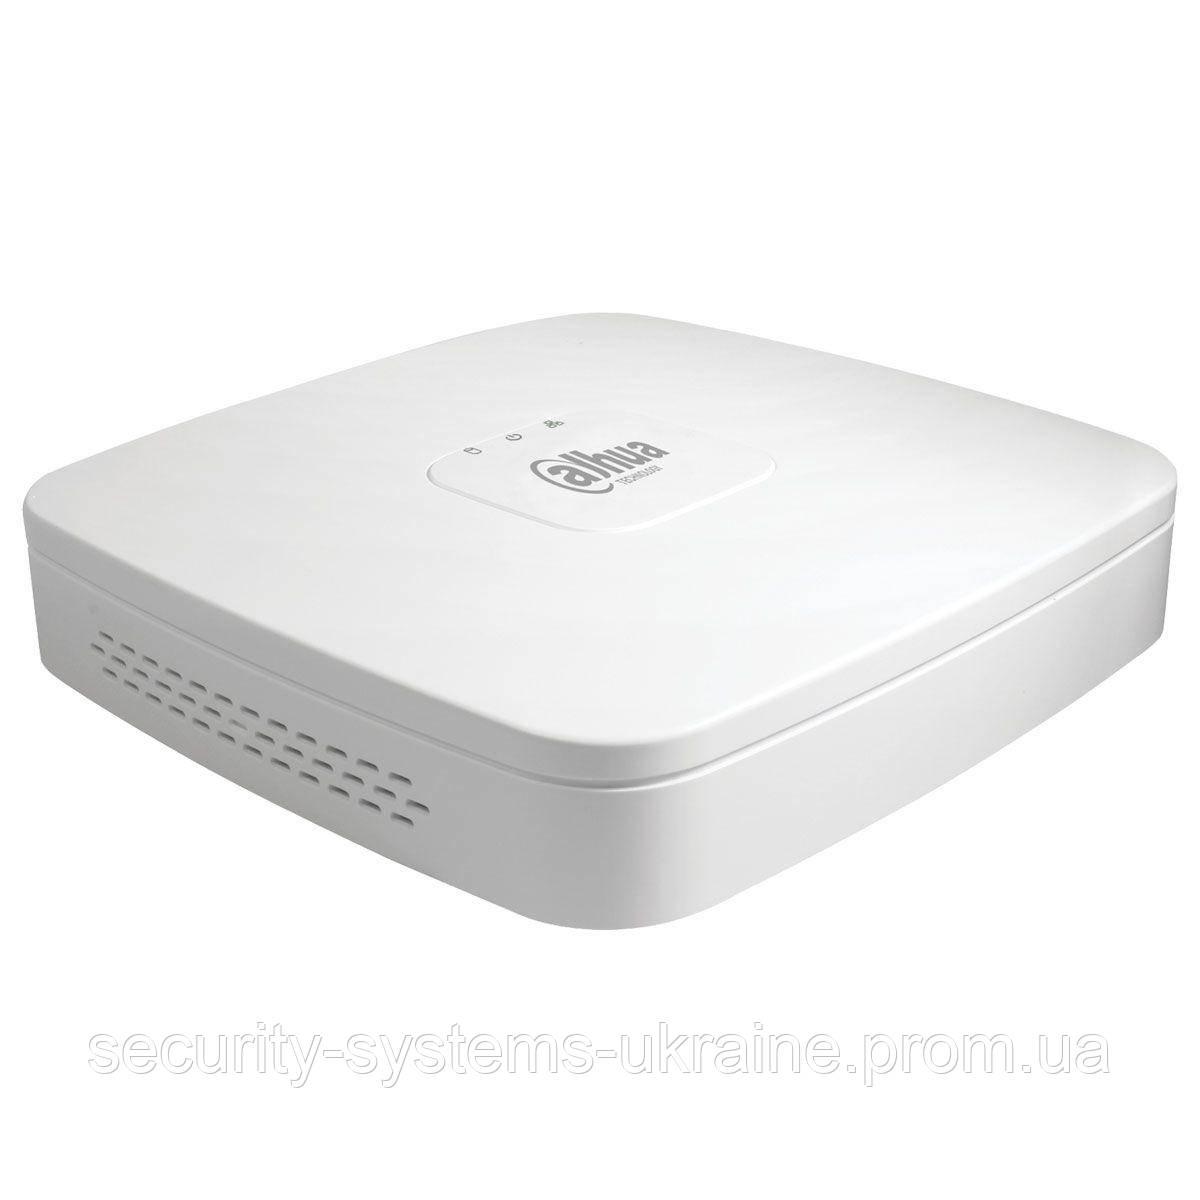 DH-XVR5104C-X видеорегистратор Dahua HDCVI 4-х канальный